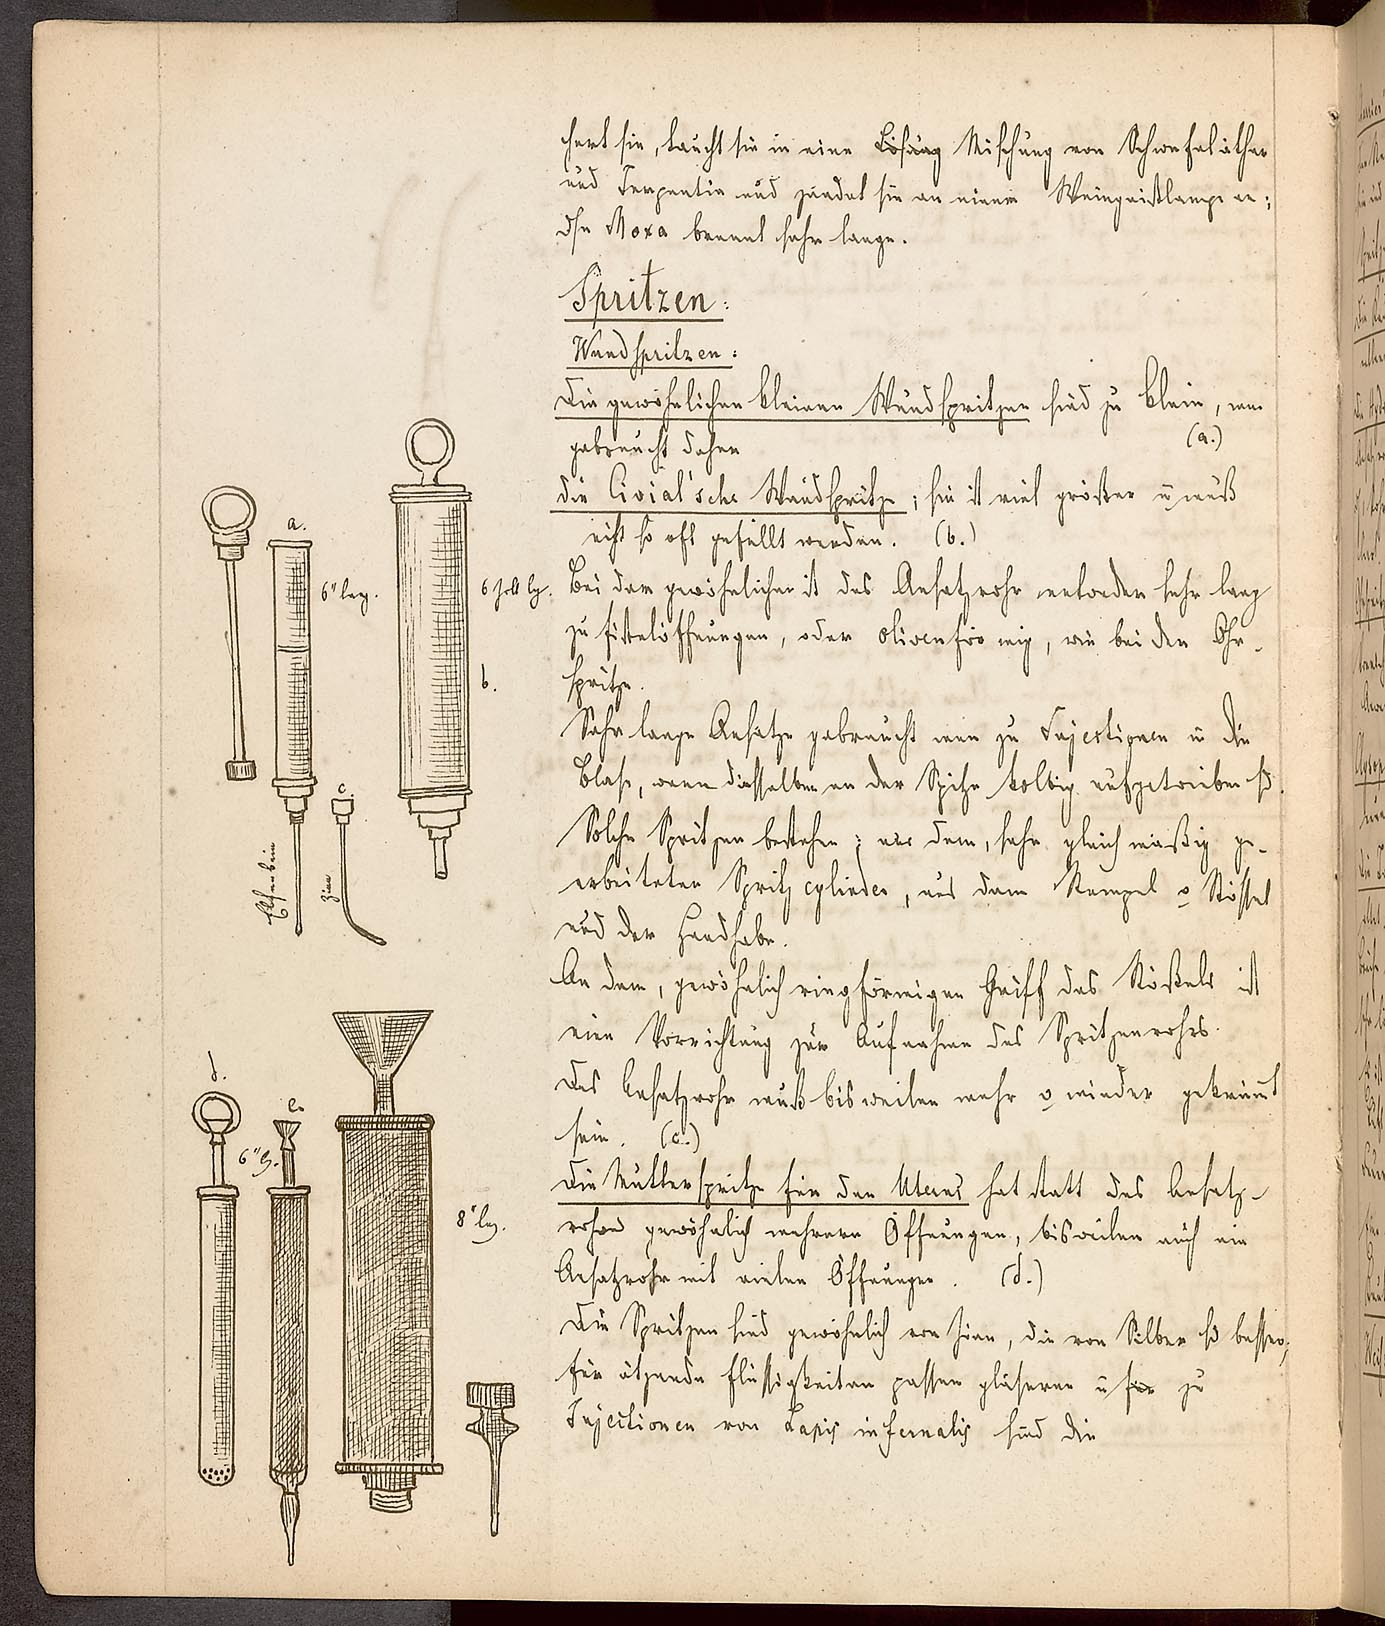 Chirurgische Instrumenten, Bandagen und Operationslehre nach den Vorträgen der Herrn prof. dr. Pitha und MUDr. Morawek